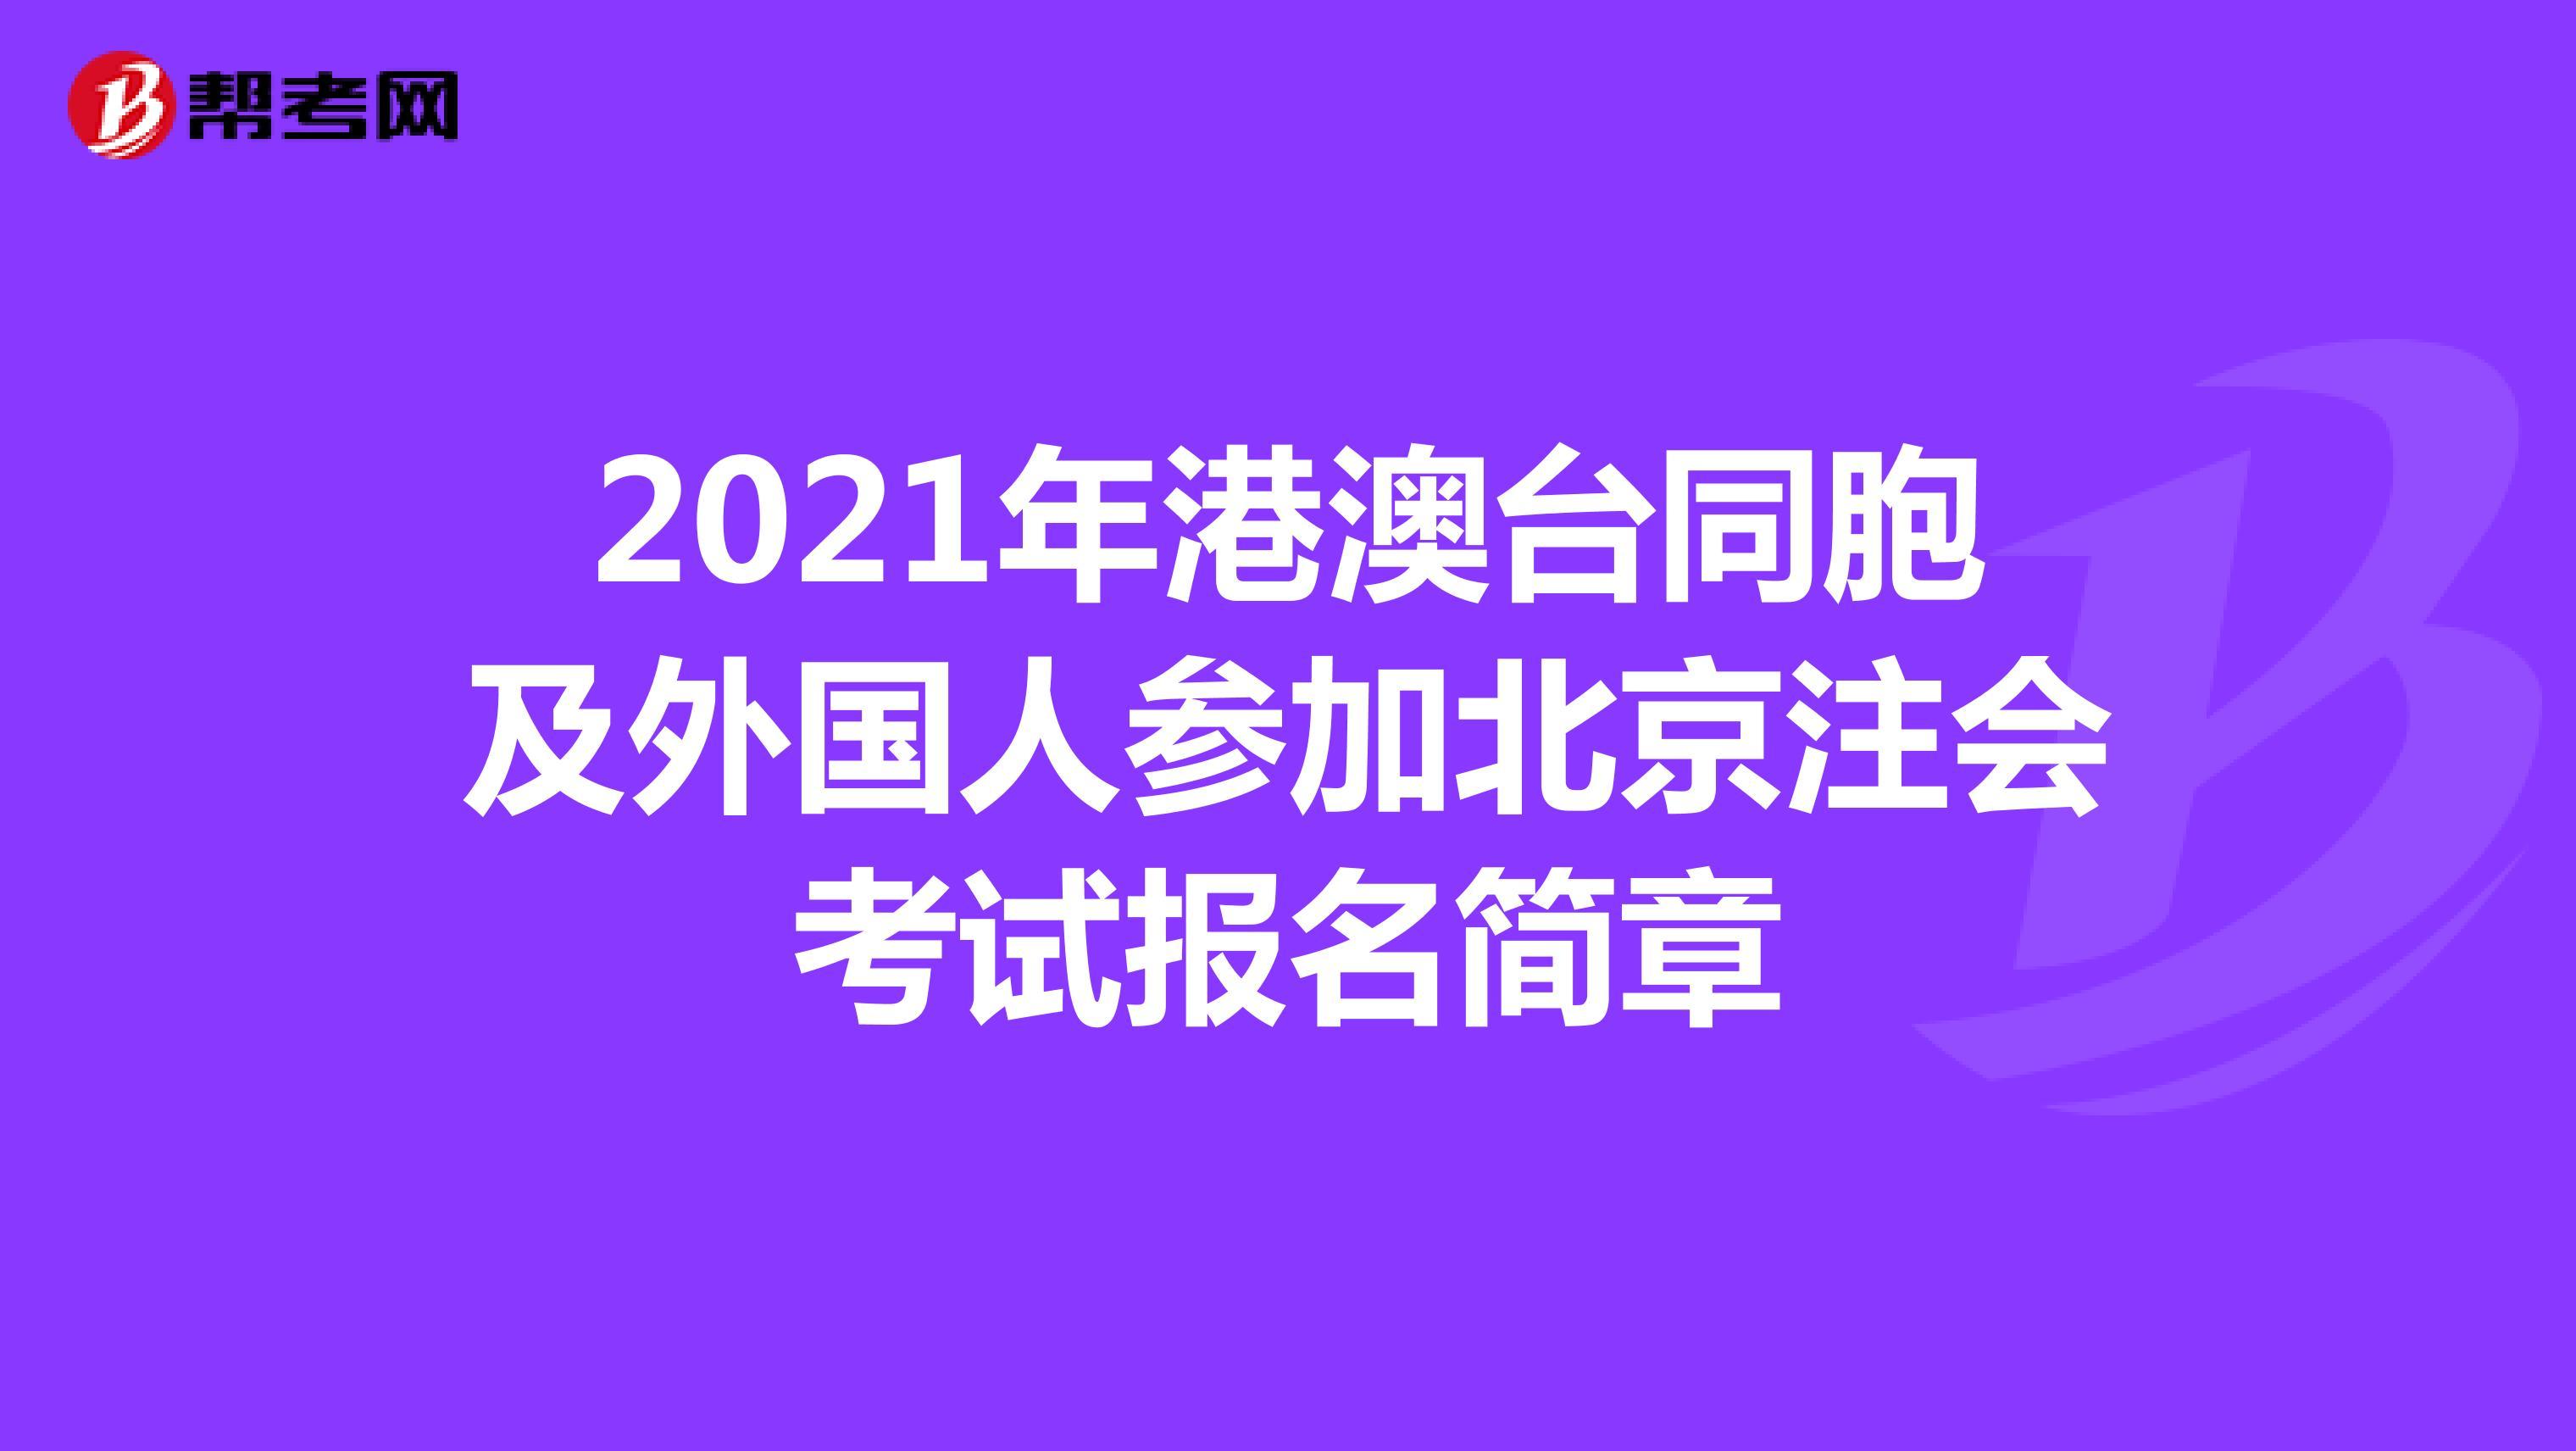 2021年港澳台同胞及外国人参加北京注会考试报名简章